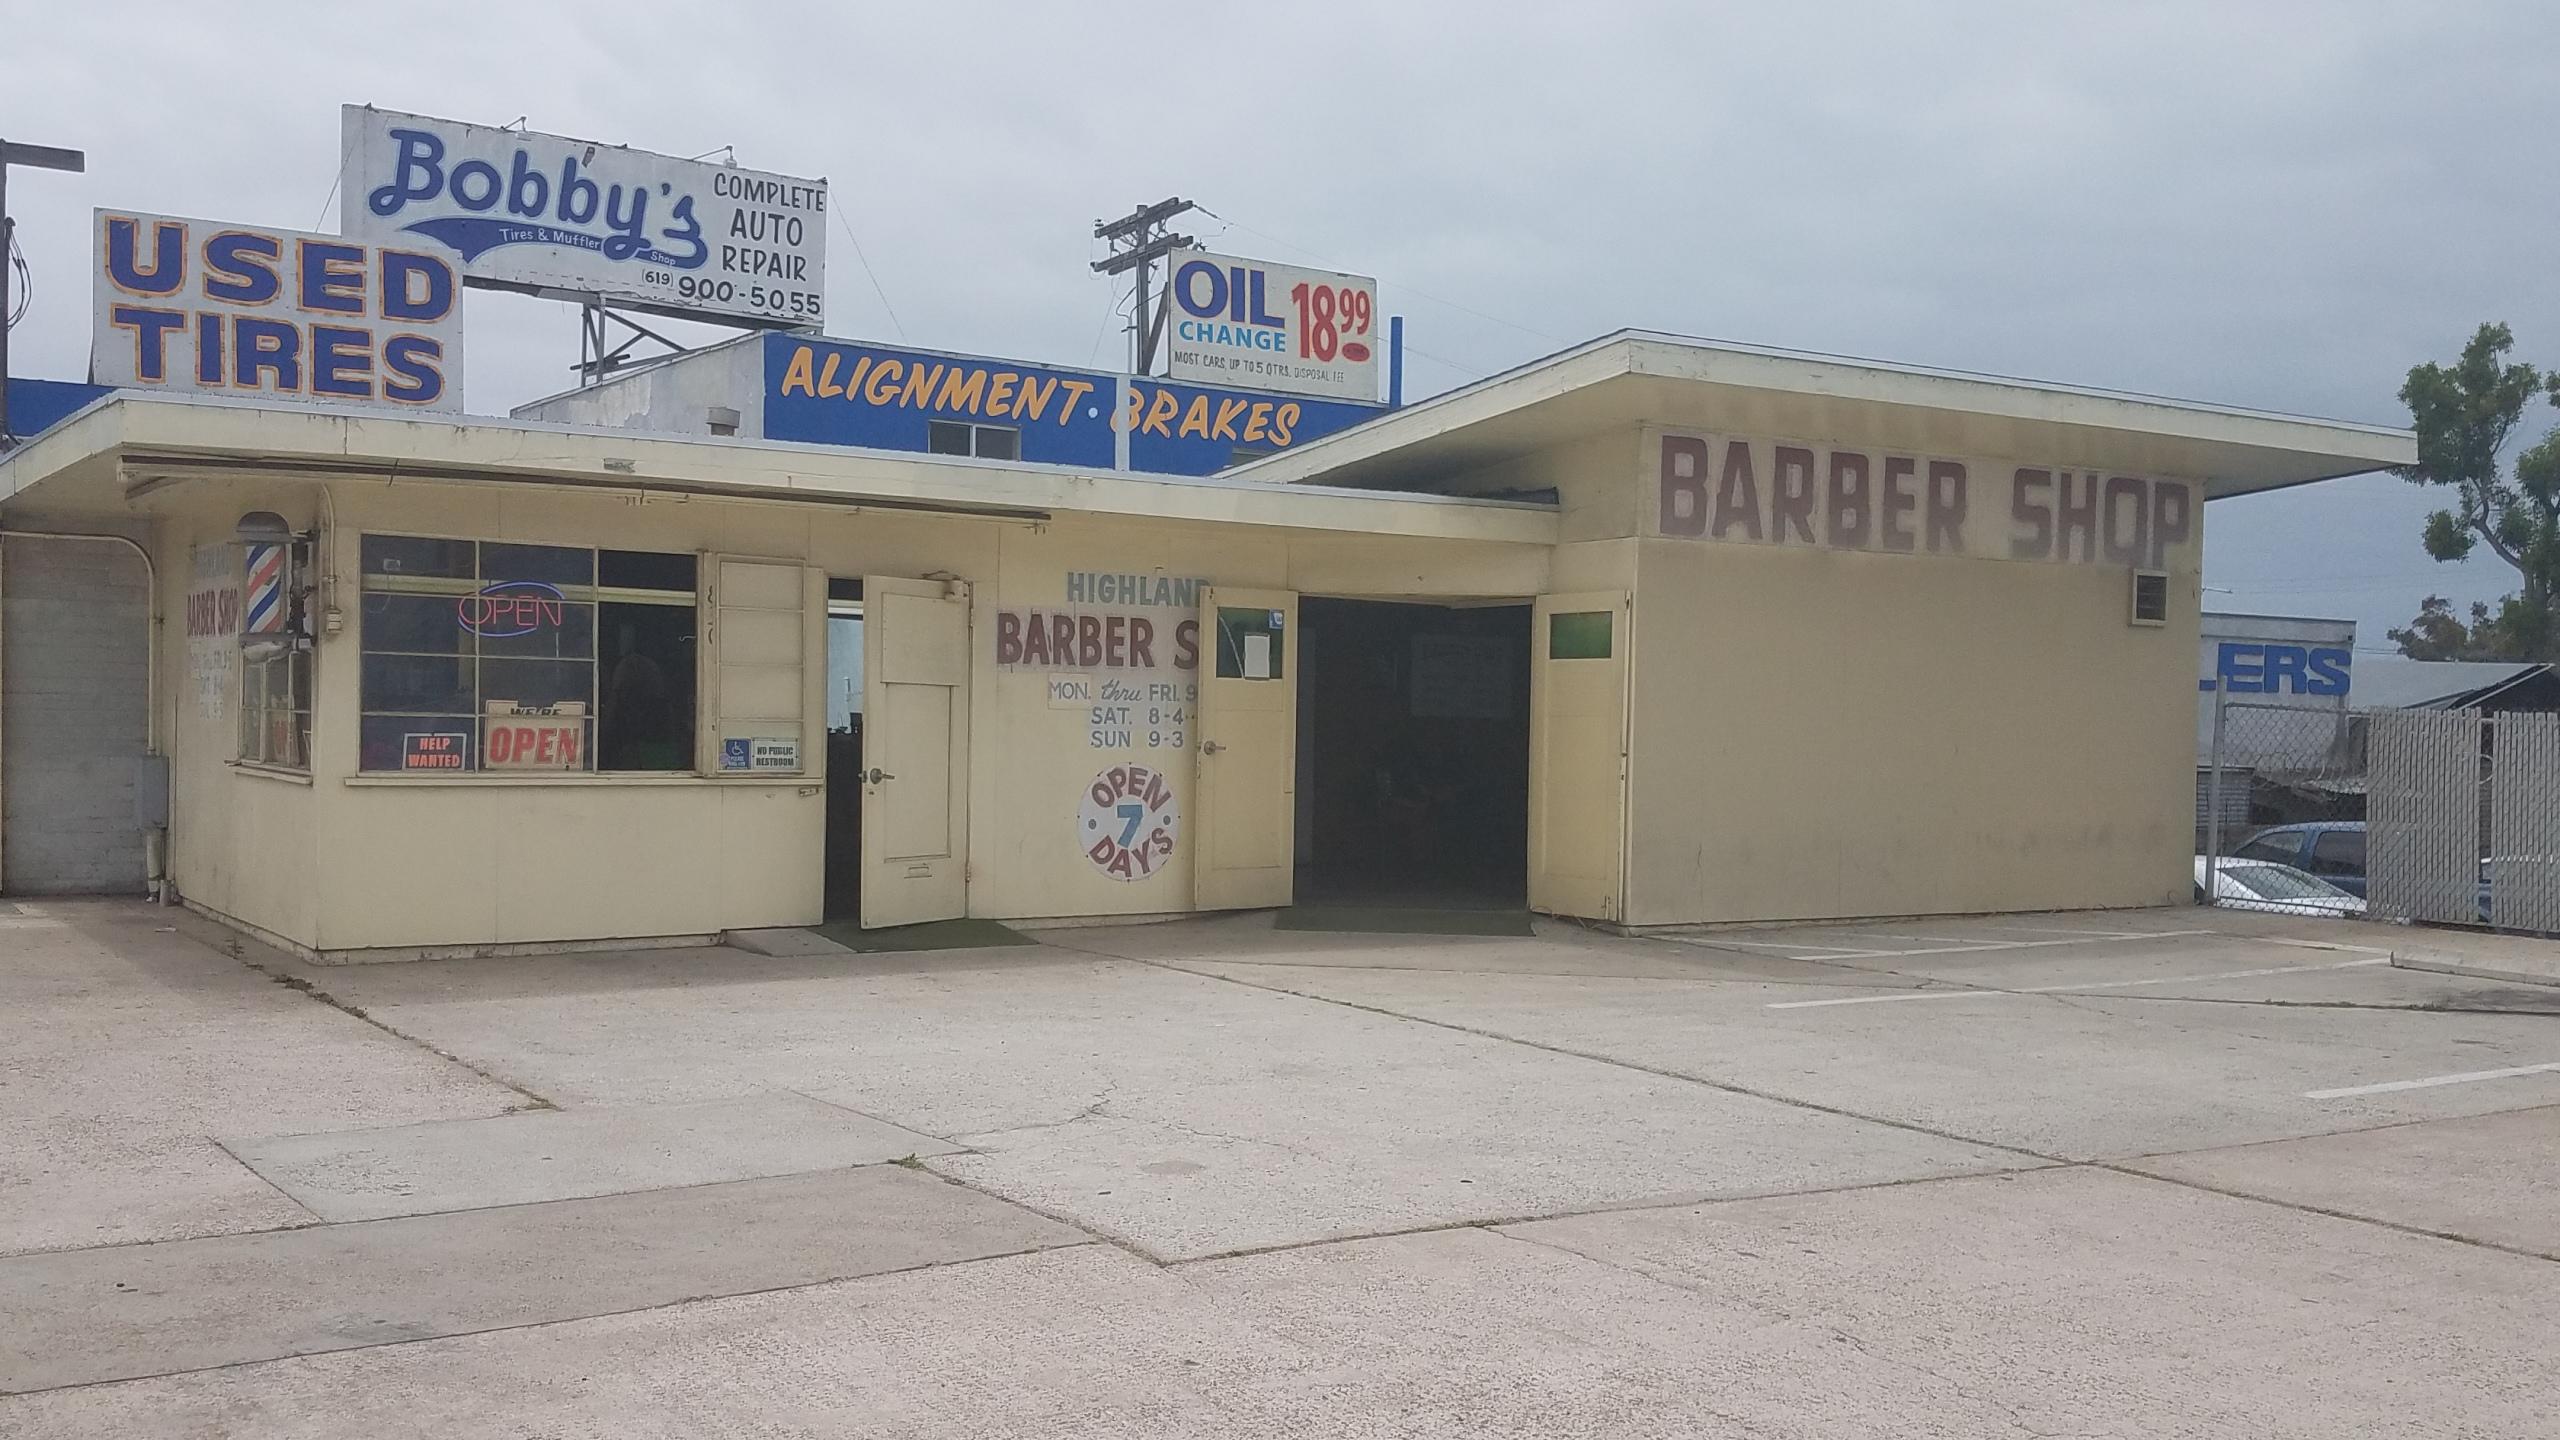 Highland Barbershop image 2